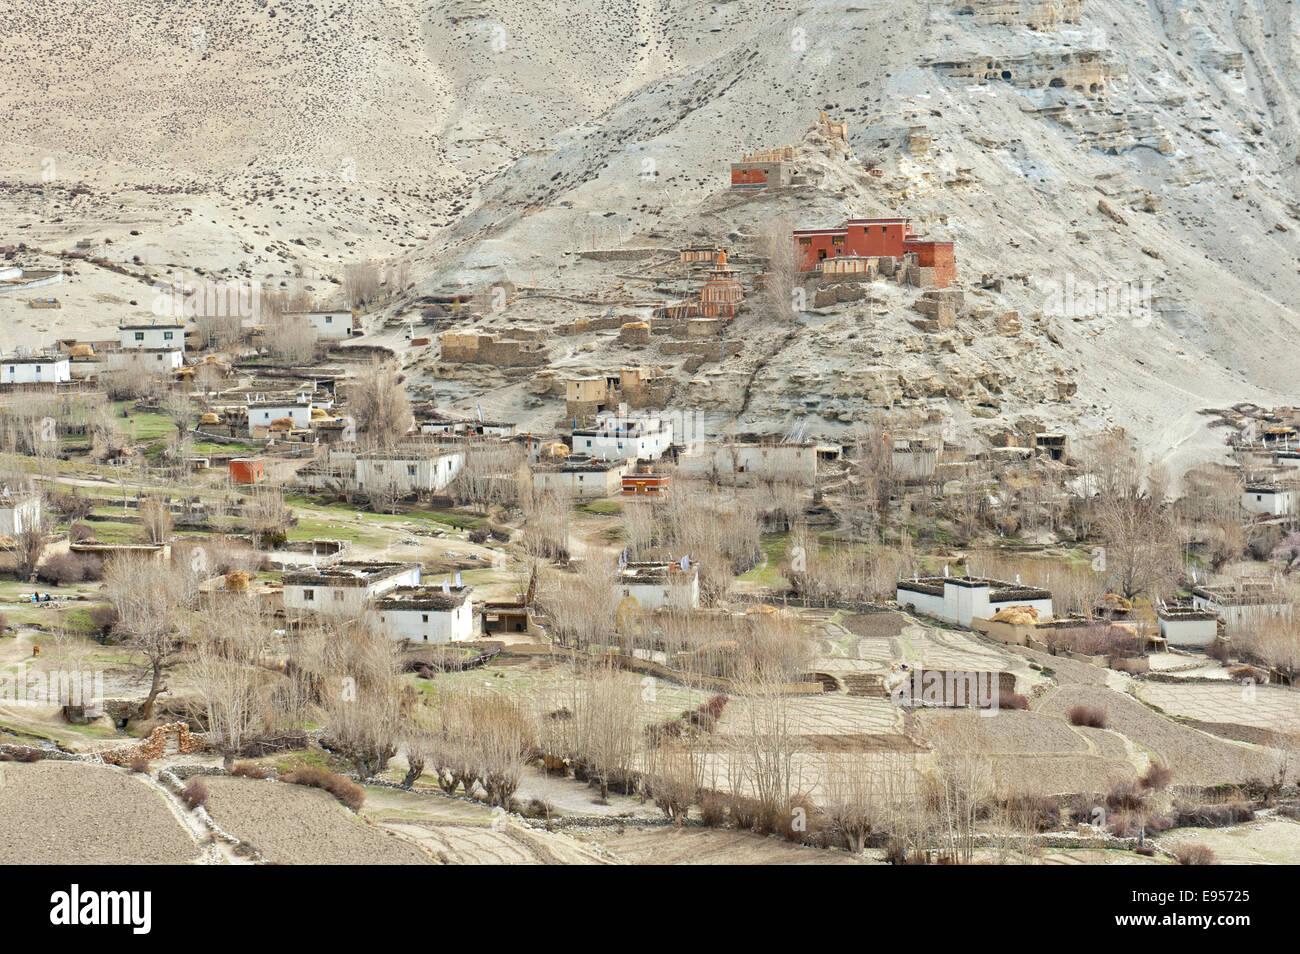 Le village de Geling avec les Tashi Chöling Gompa, les champs à l'avant, Gieling, Upper Mustang, Lo, Photo Stock